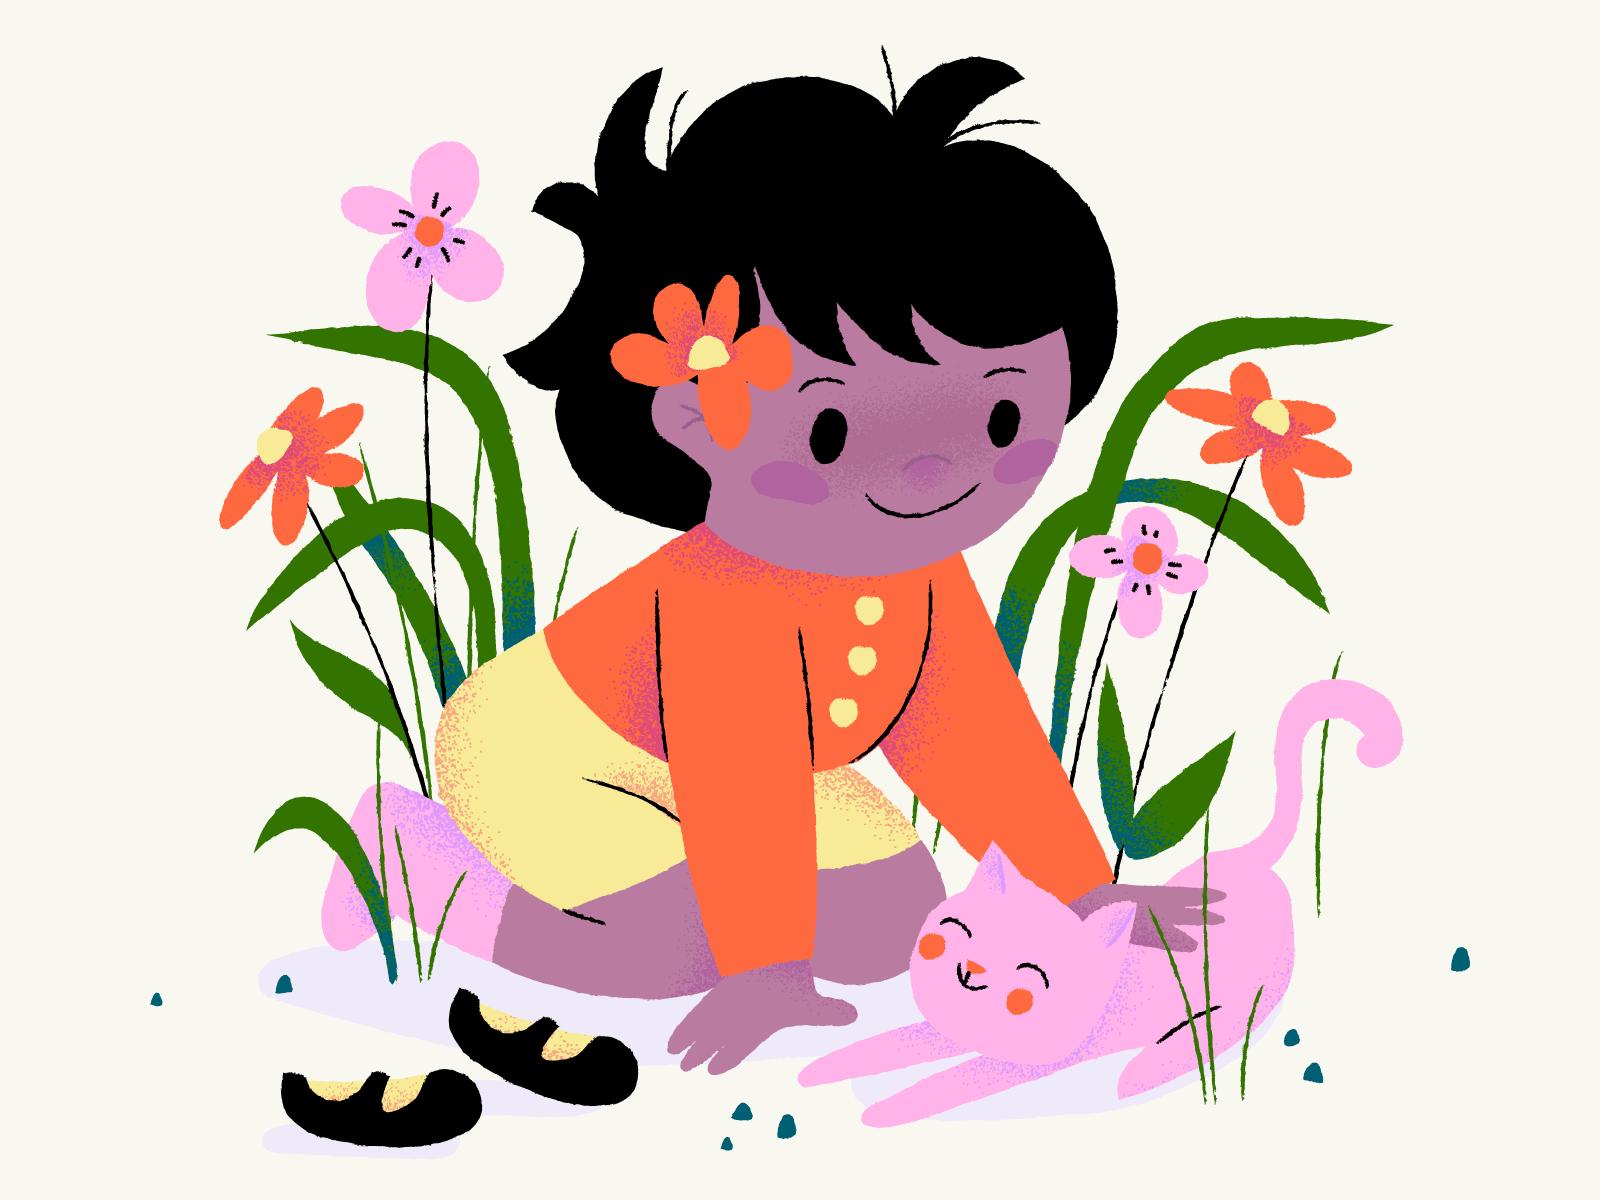 Gekleurde Illustratie van een kind, planten, bloeme en een roze kat, autora Anna Hurley